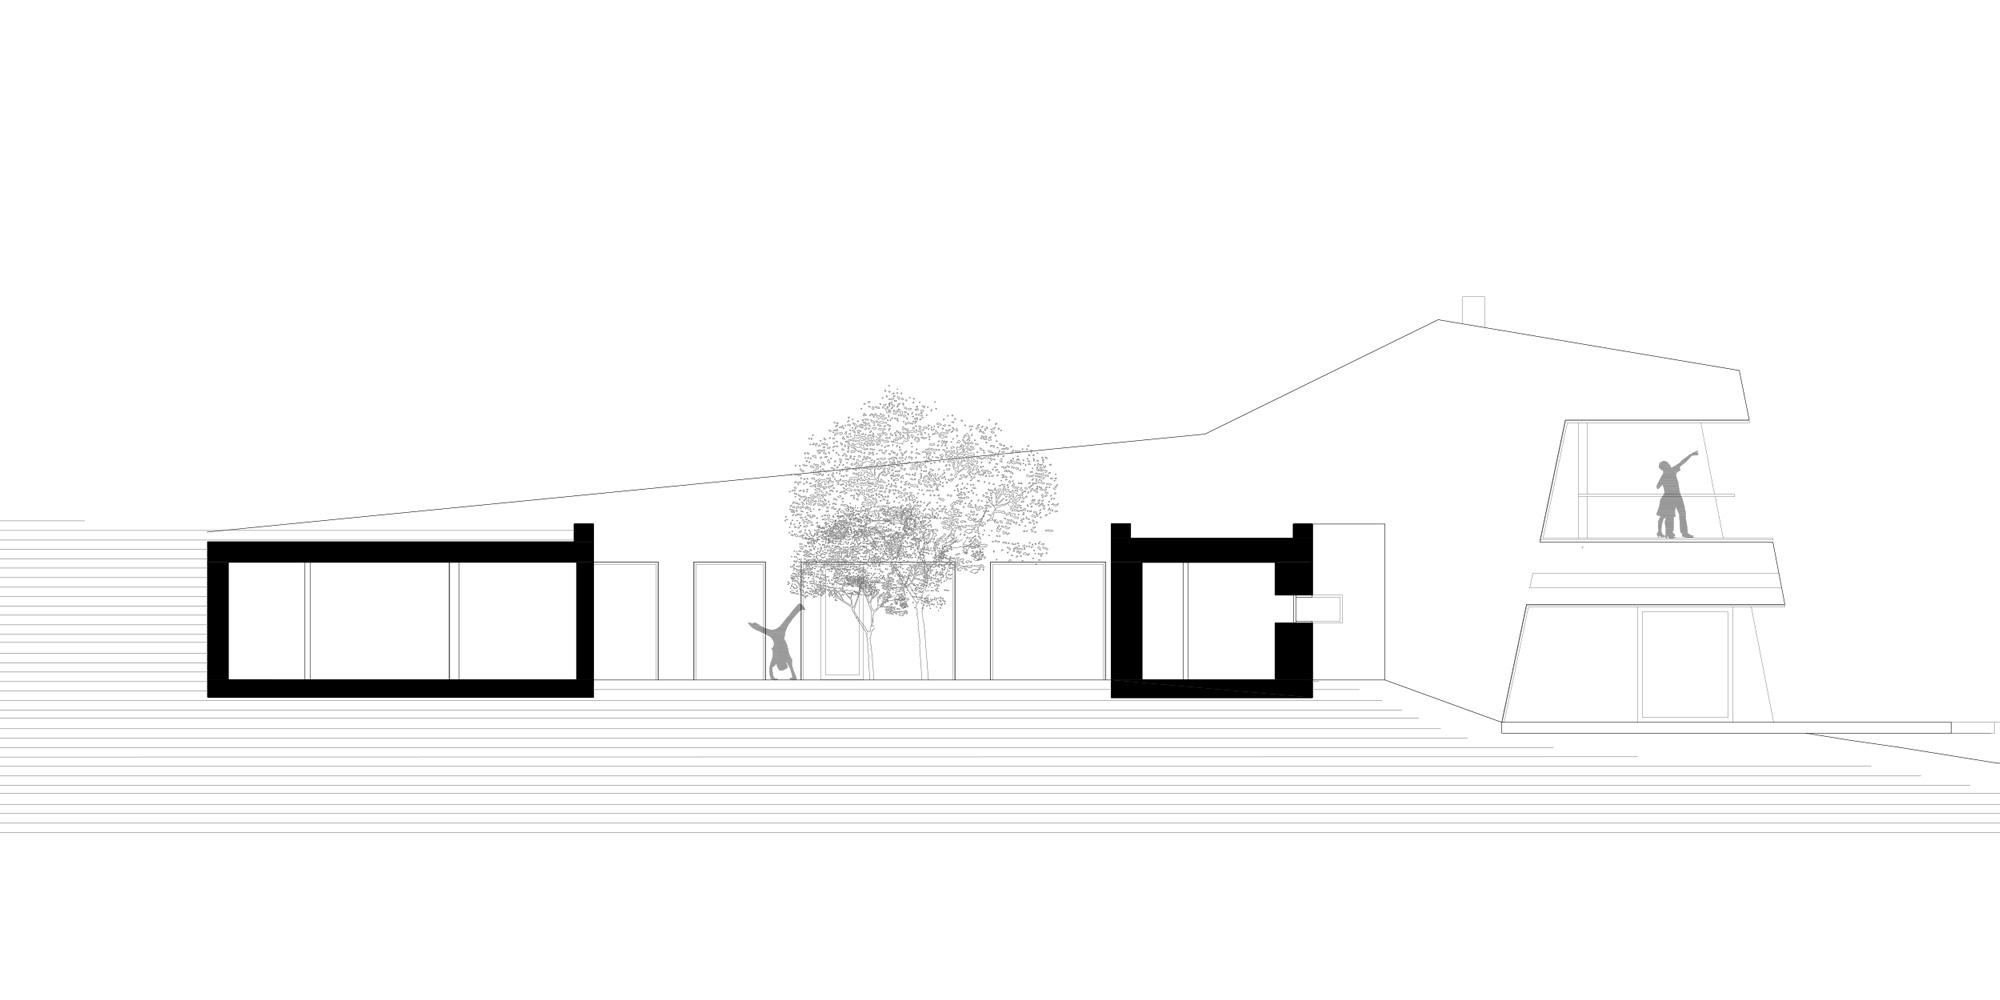 SEZIONE BB © bergmeisterwolf architekten